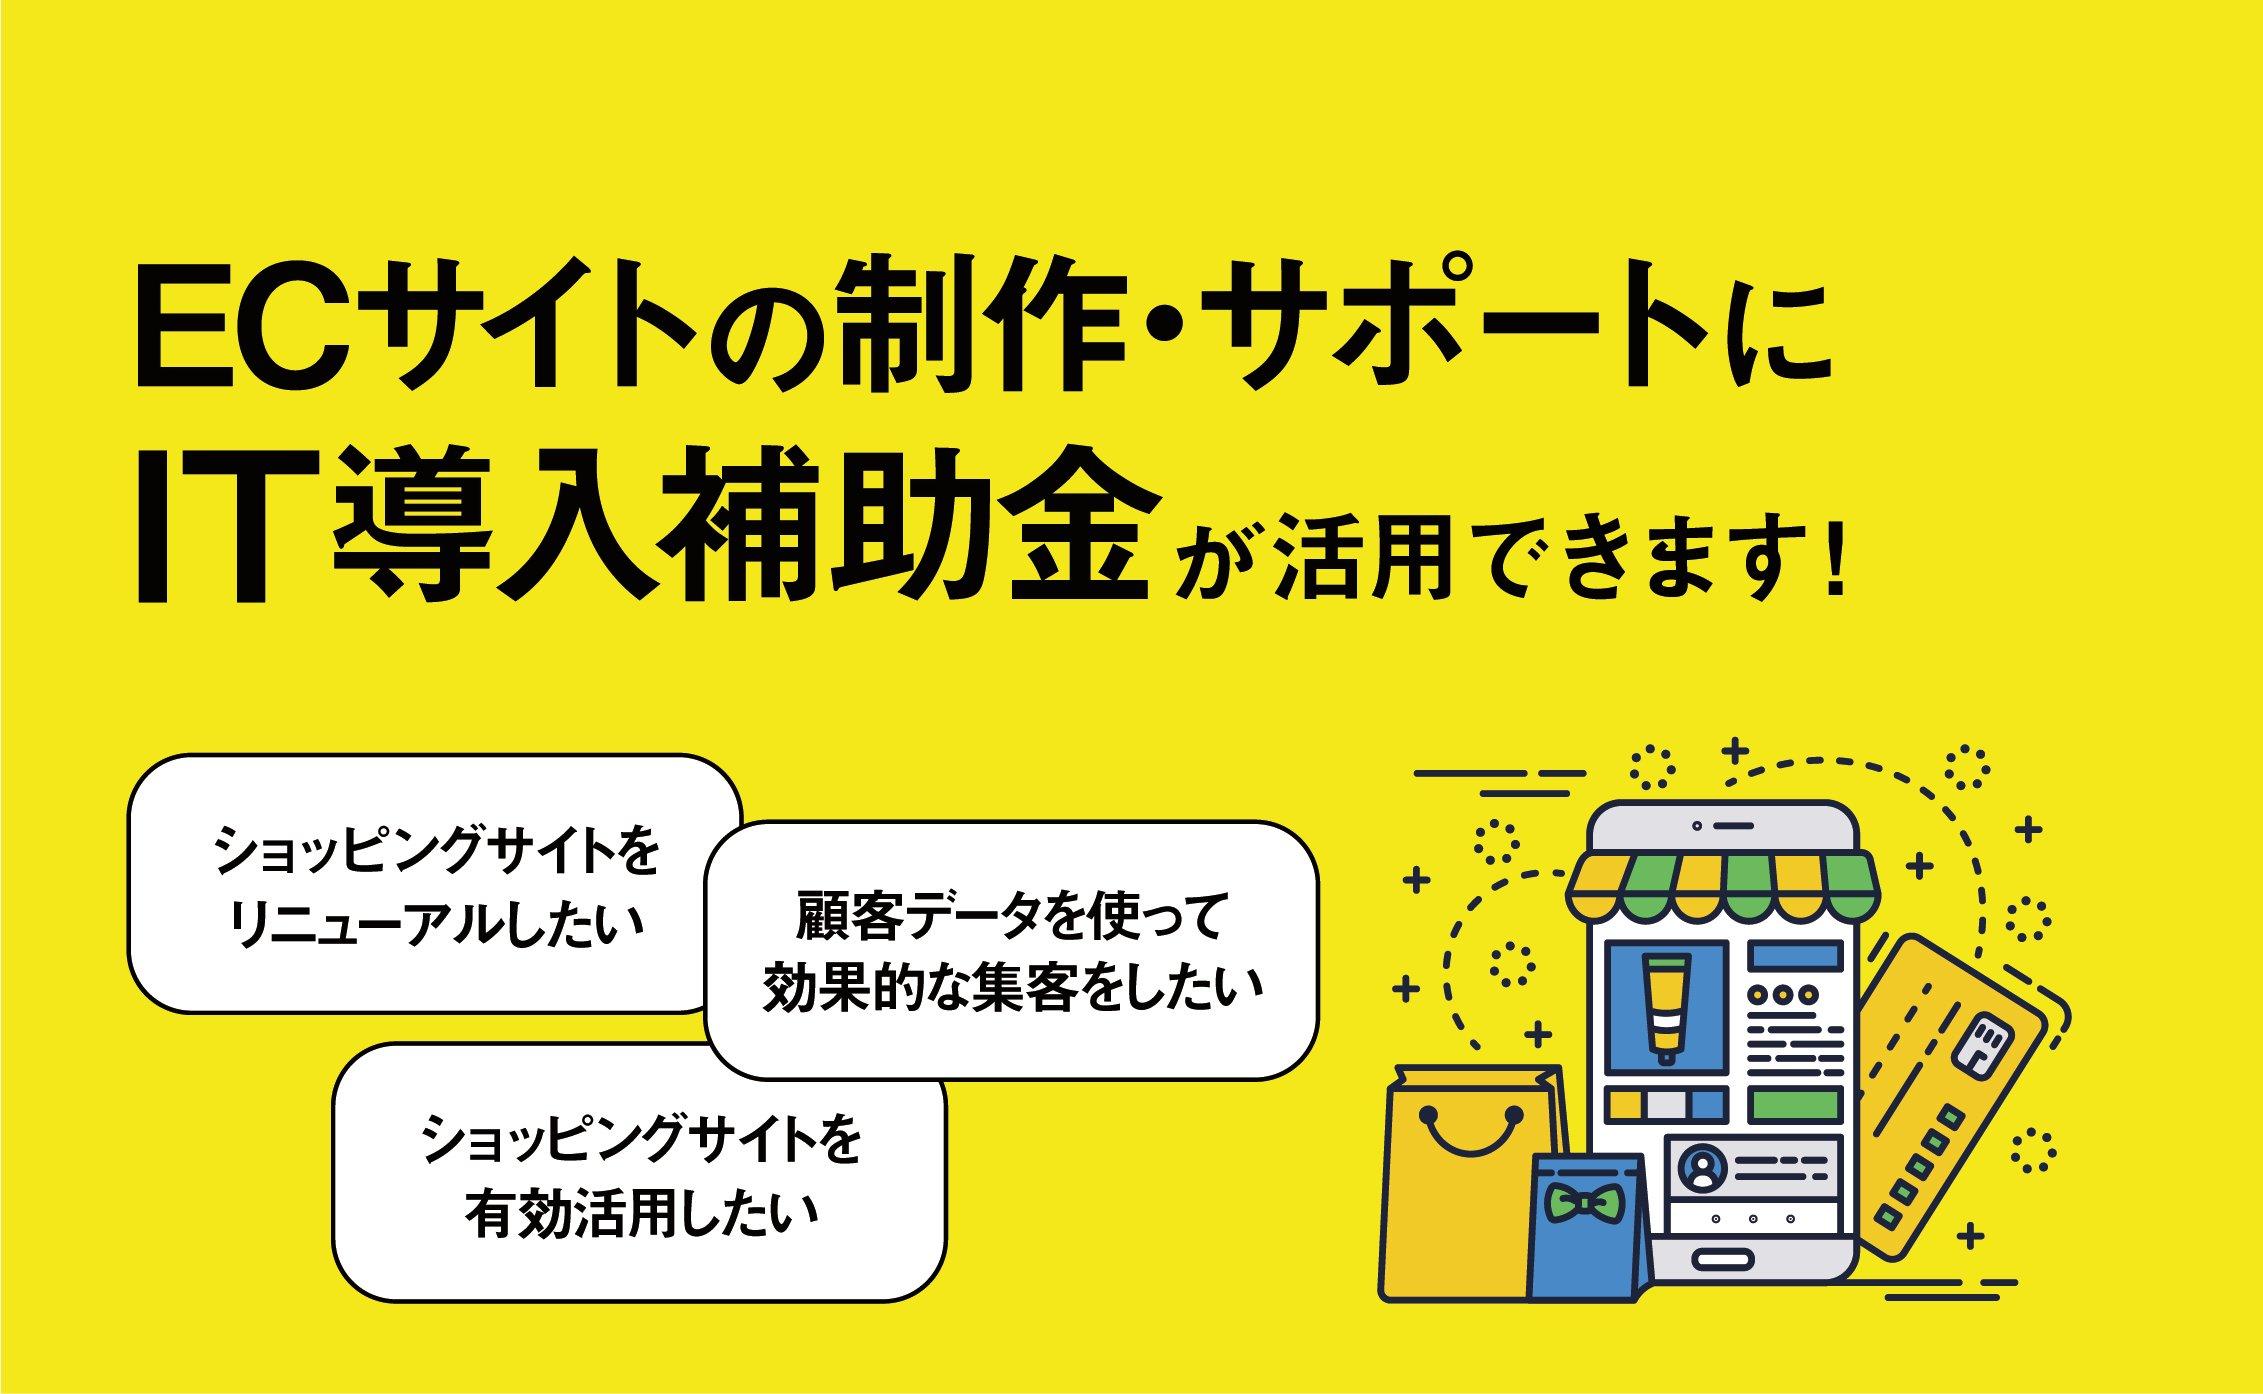 IT補助金-03-1